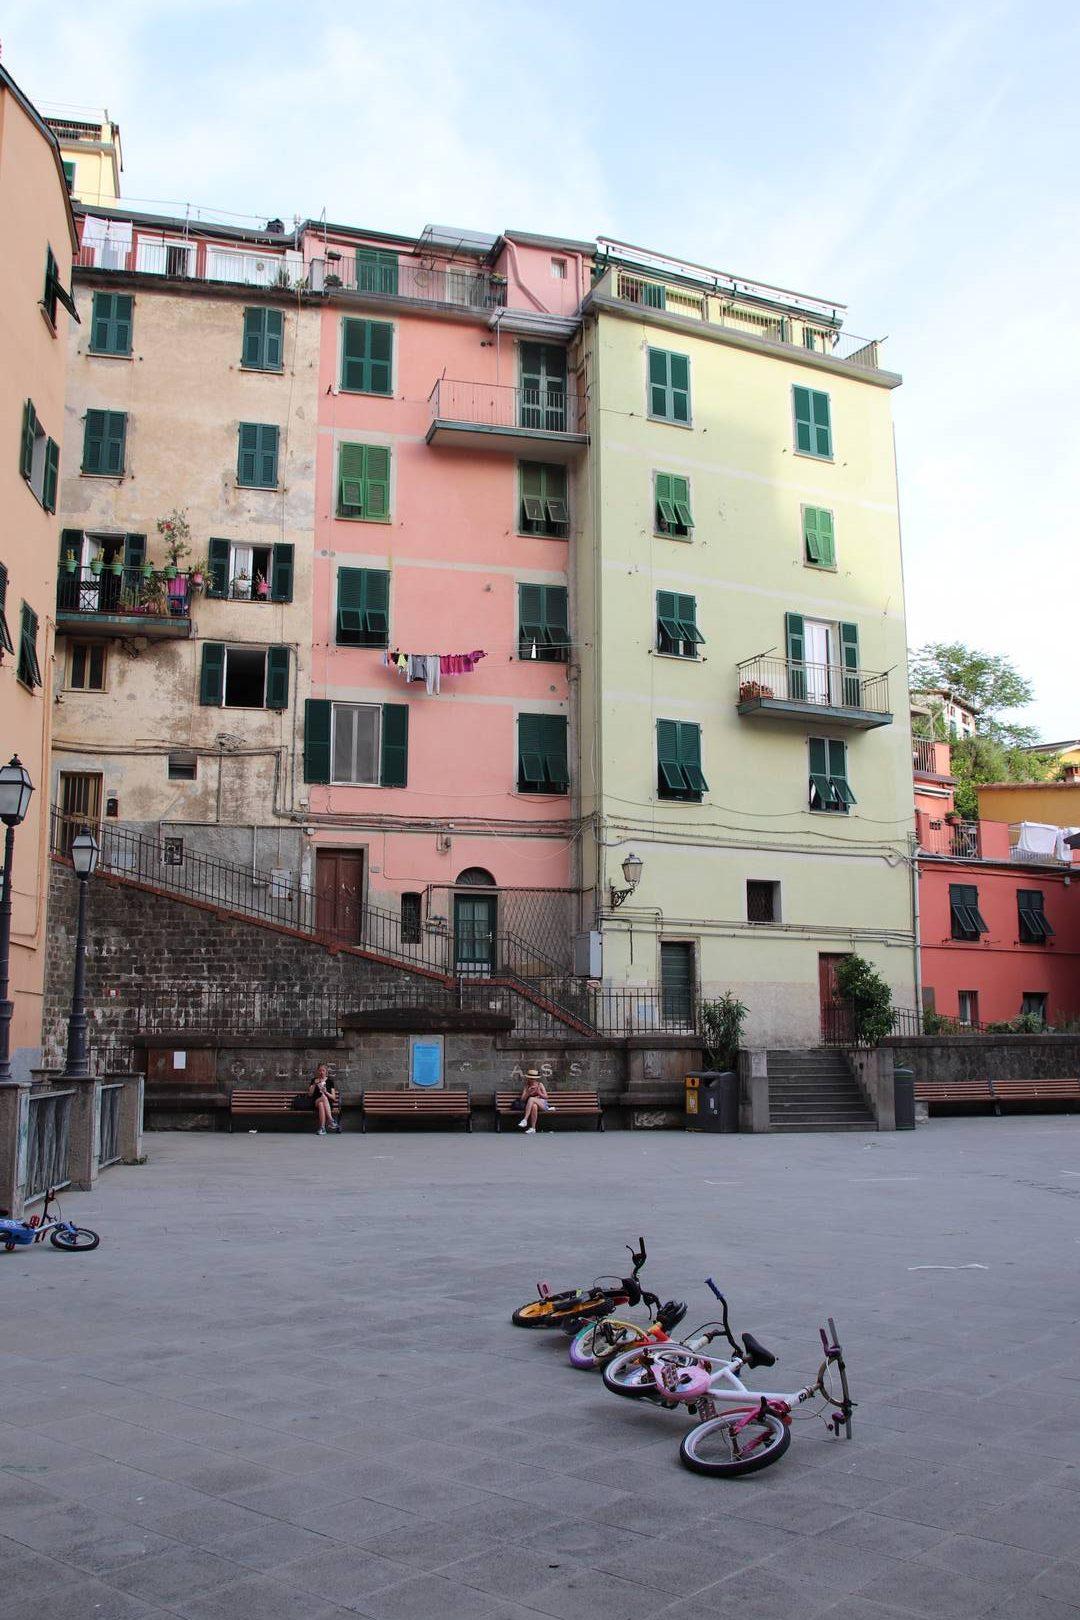 Italie - Vélos sur la place du village de Riomaggiore au parc des Cinque Terre